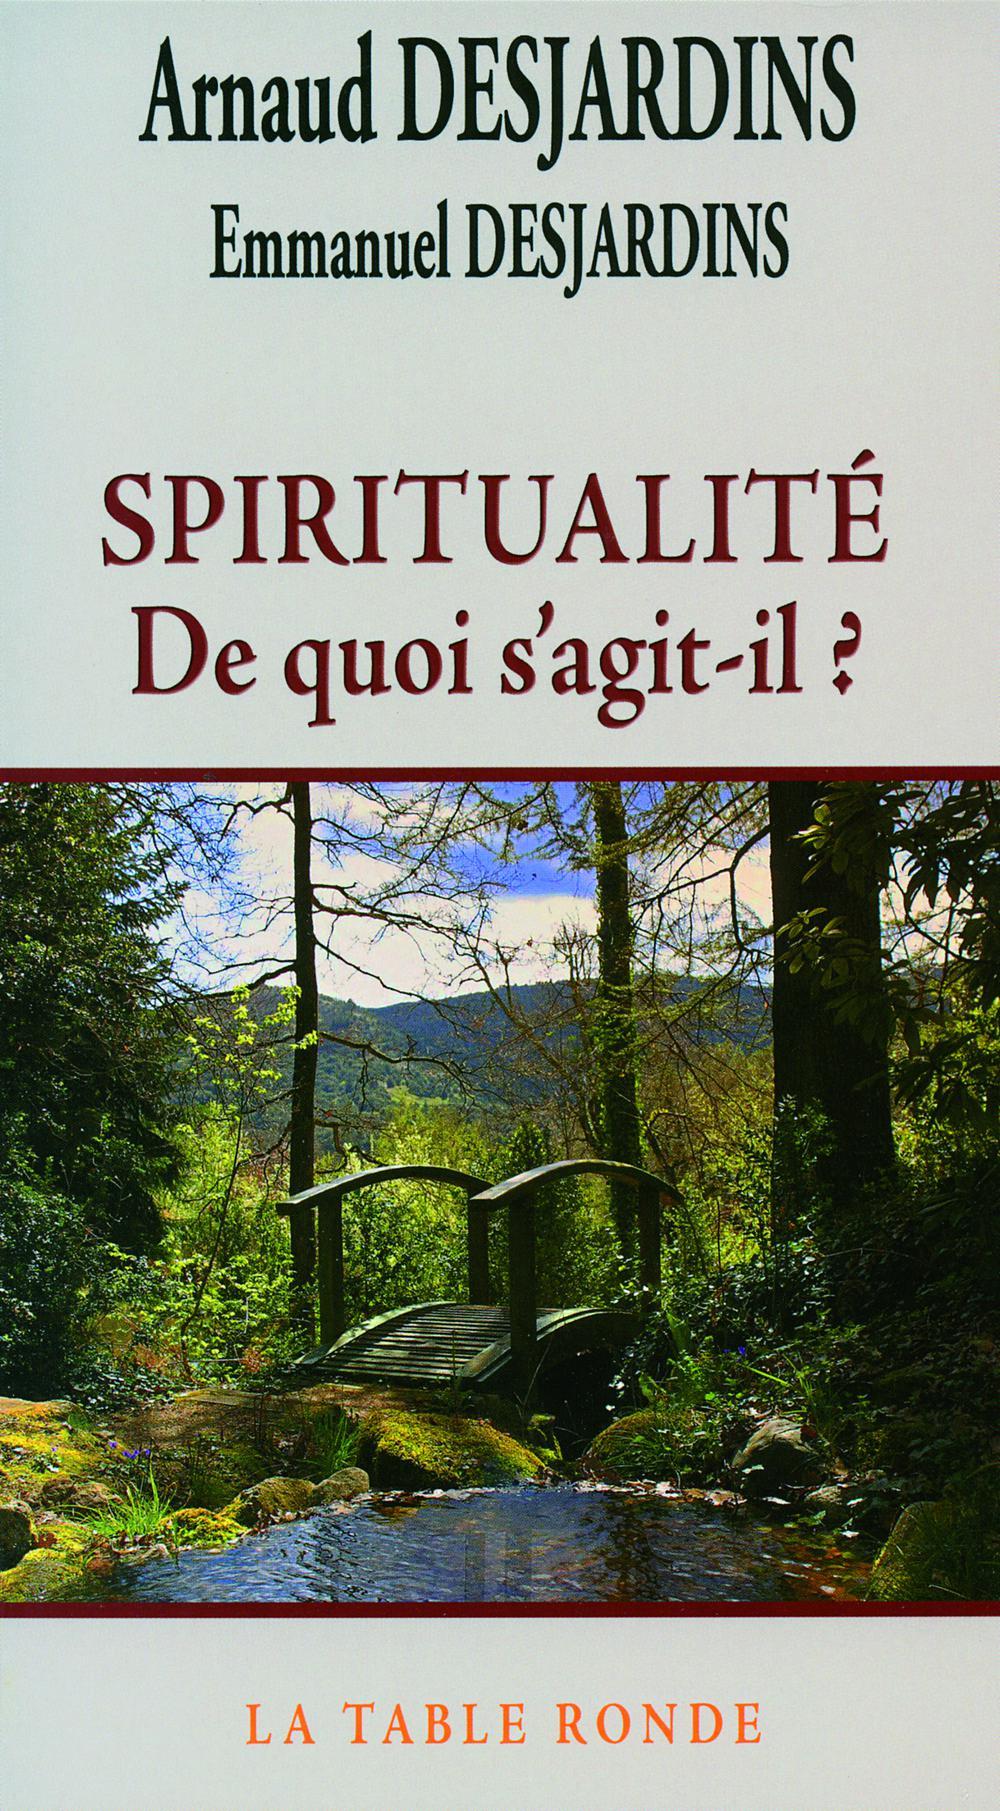 Spiritualité, De quoi s'agit-il?